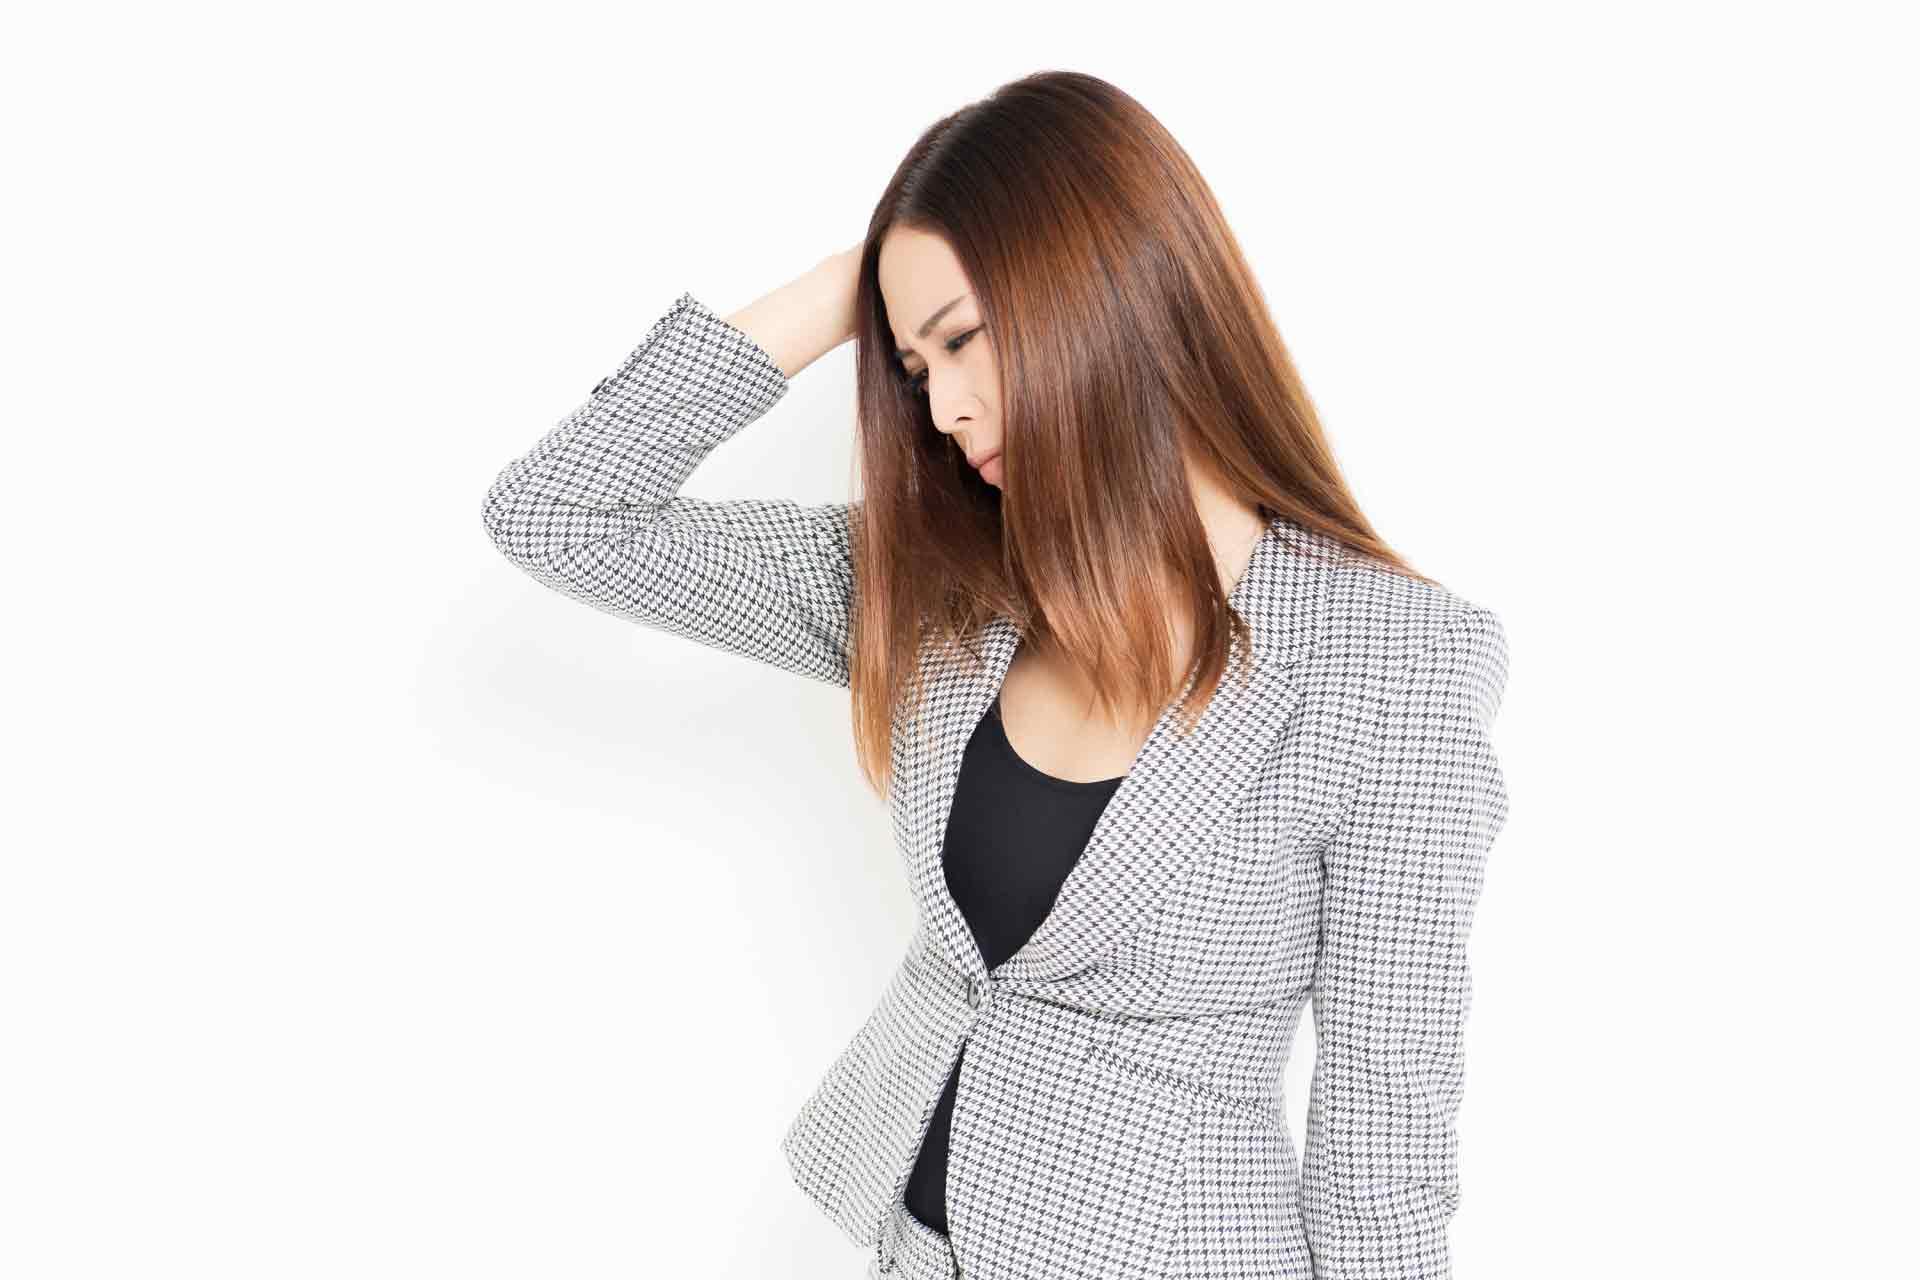 頭を抱え俯いているスーツの女性